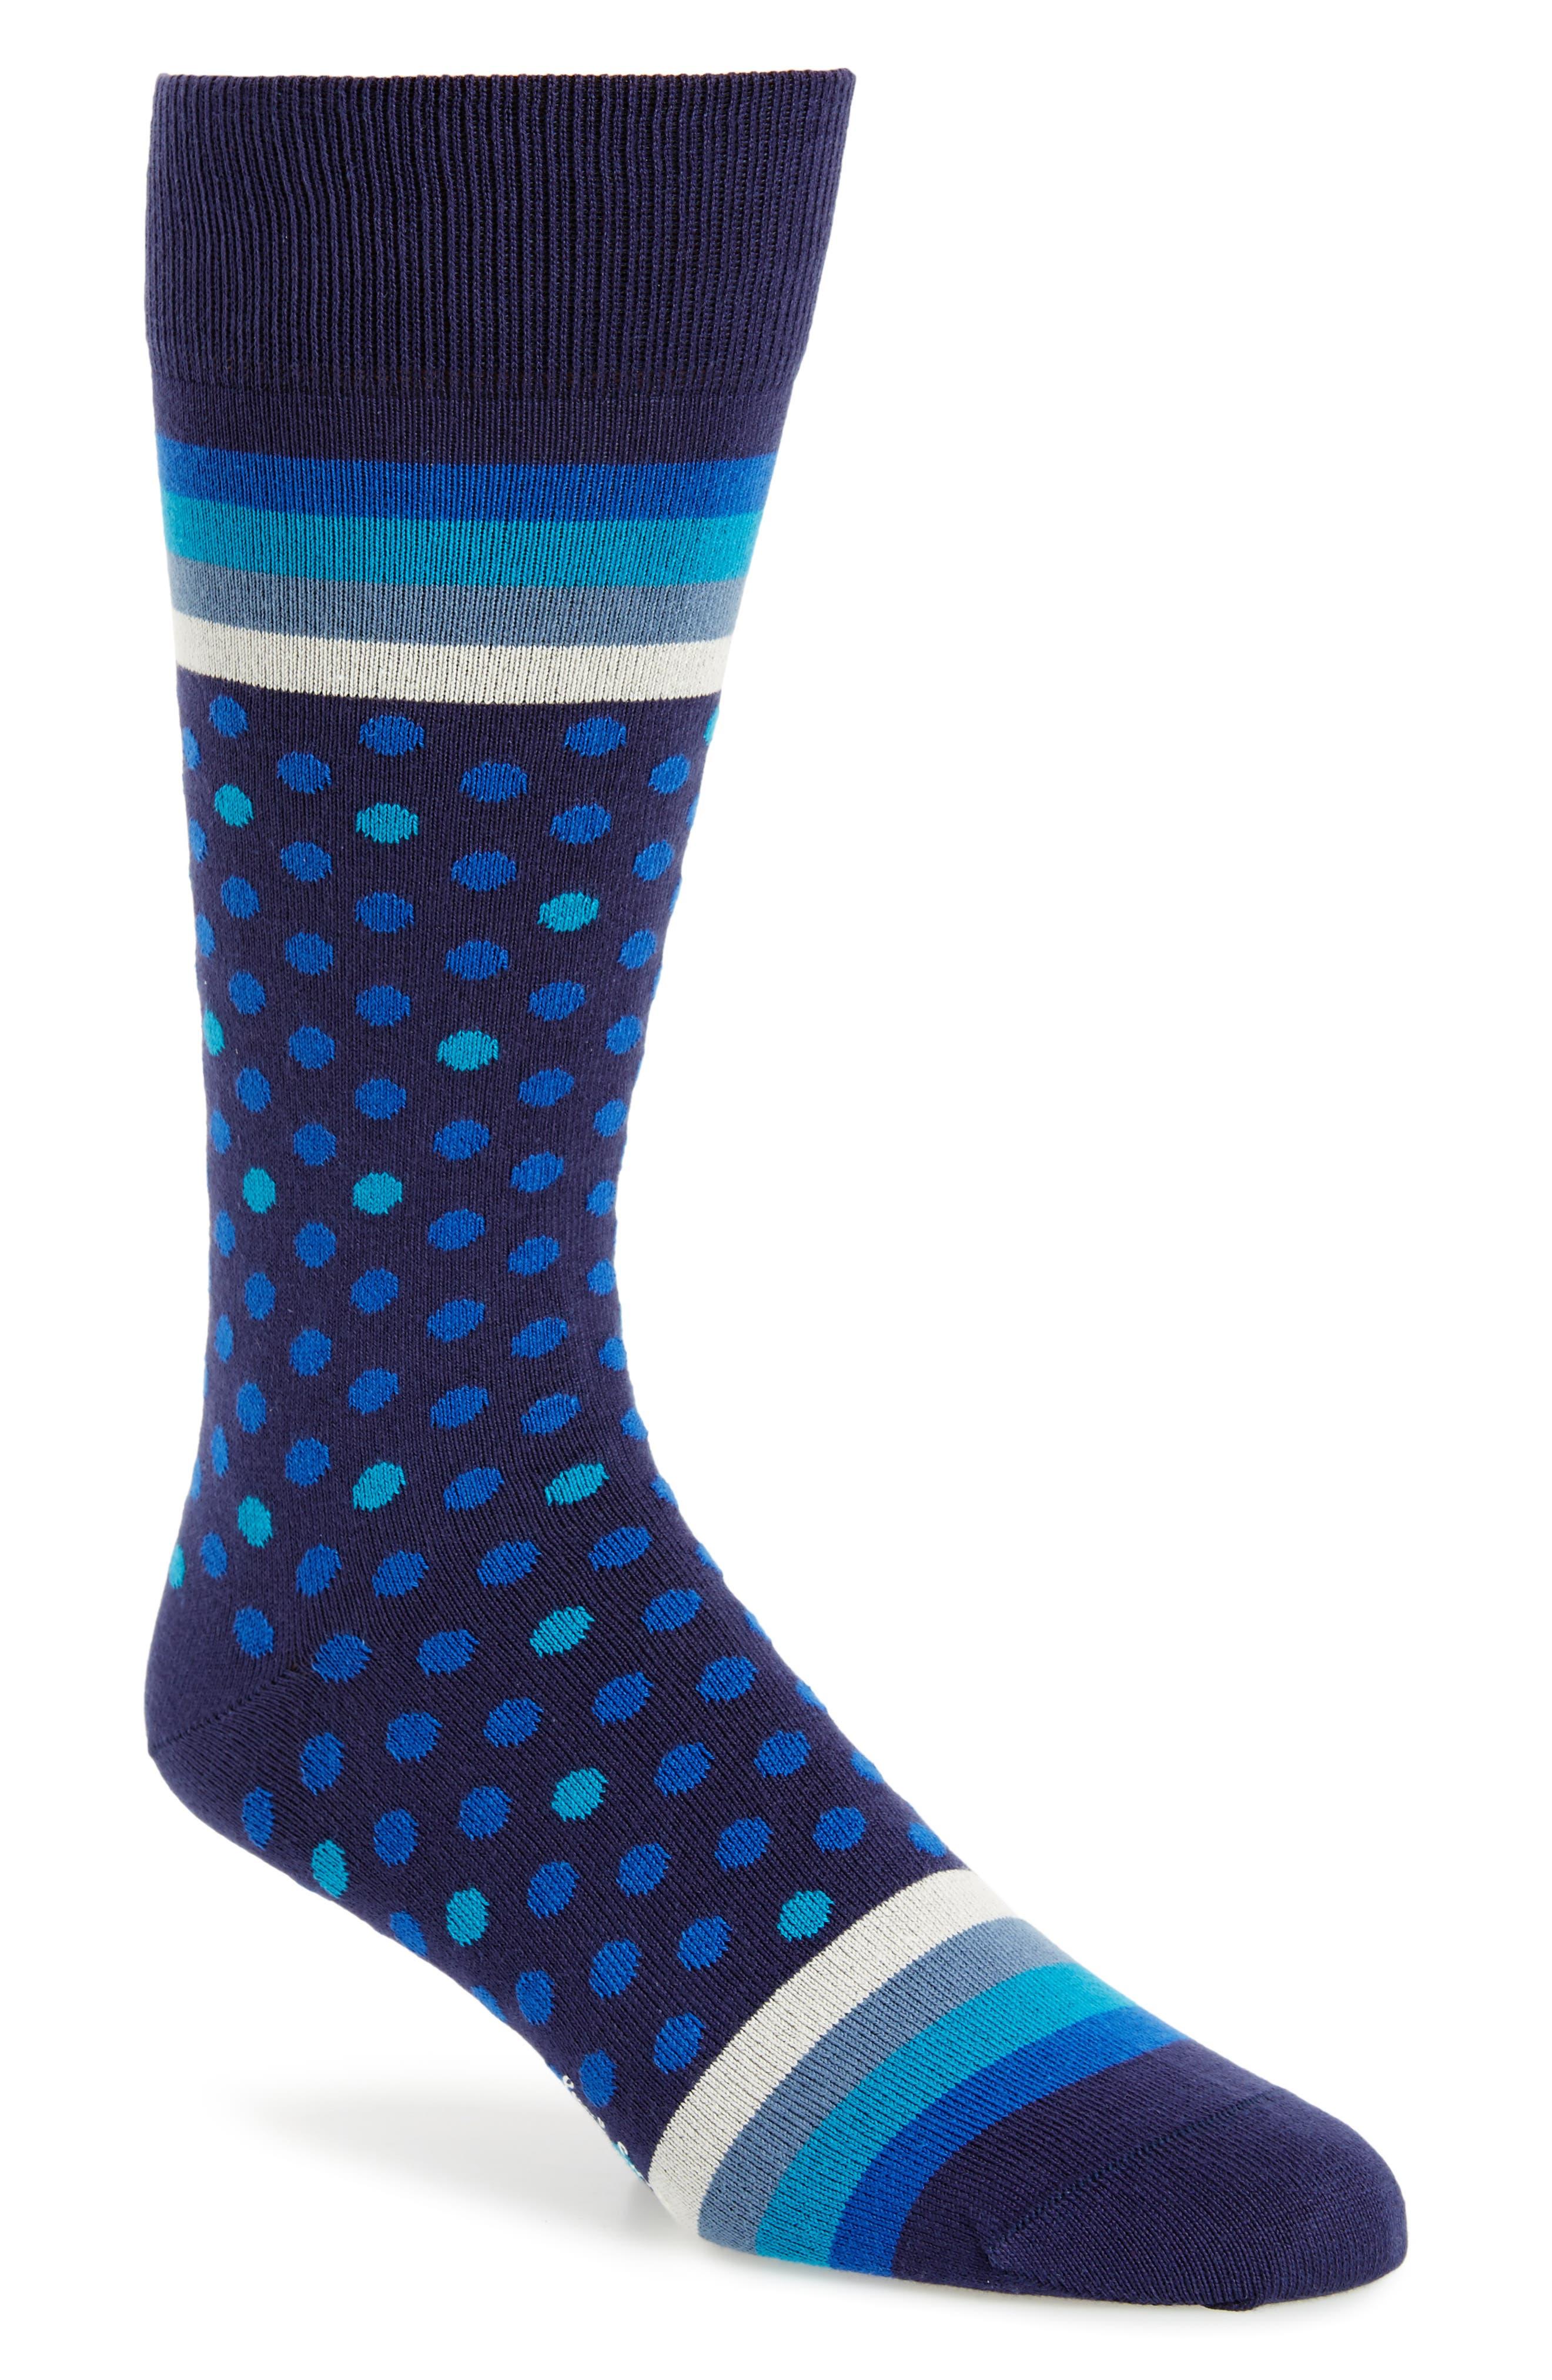 Main Image - Paul Smith Dot & Stripe Socks